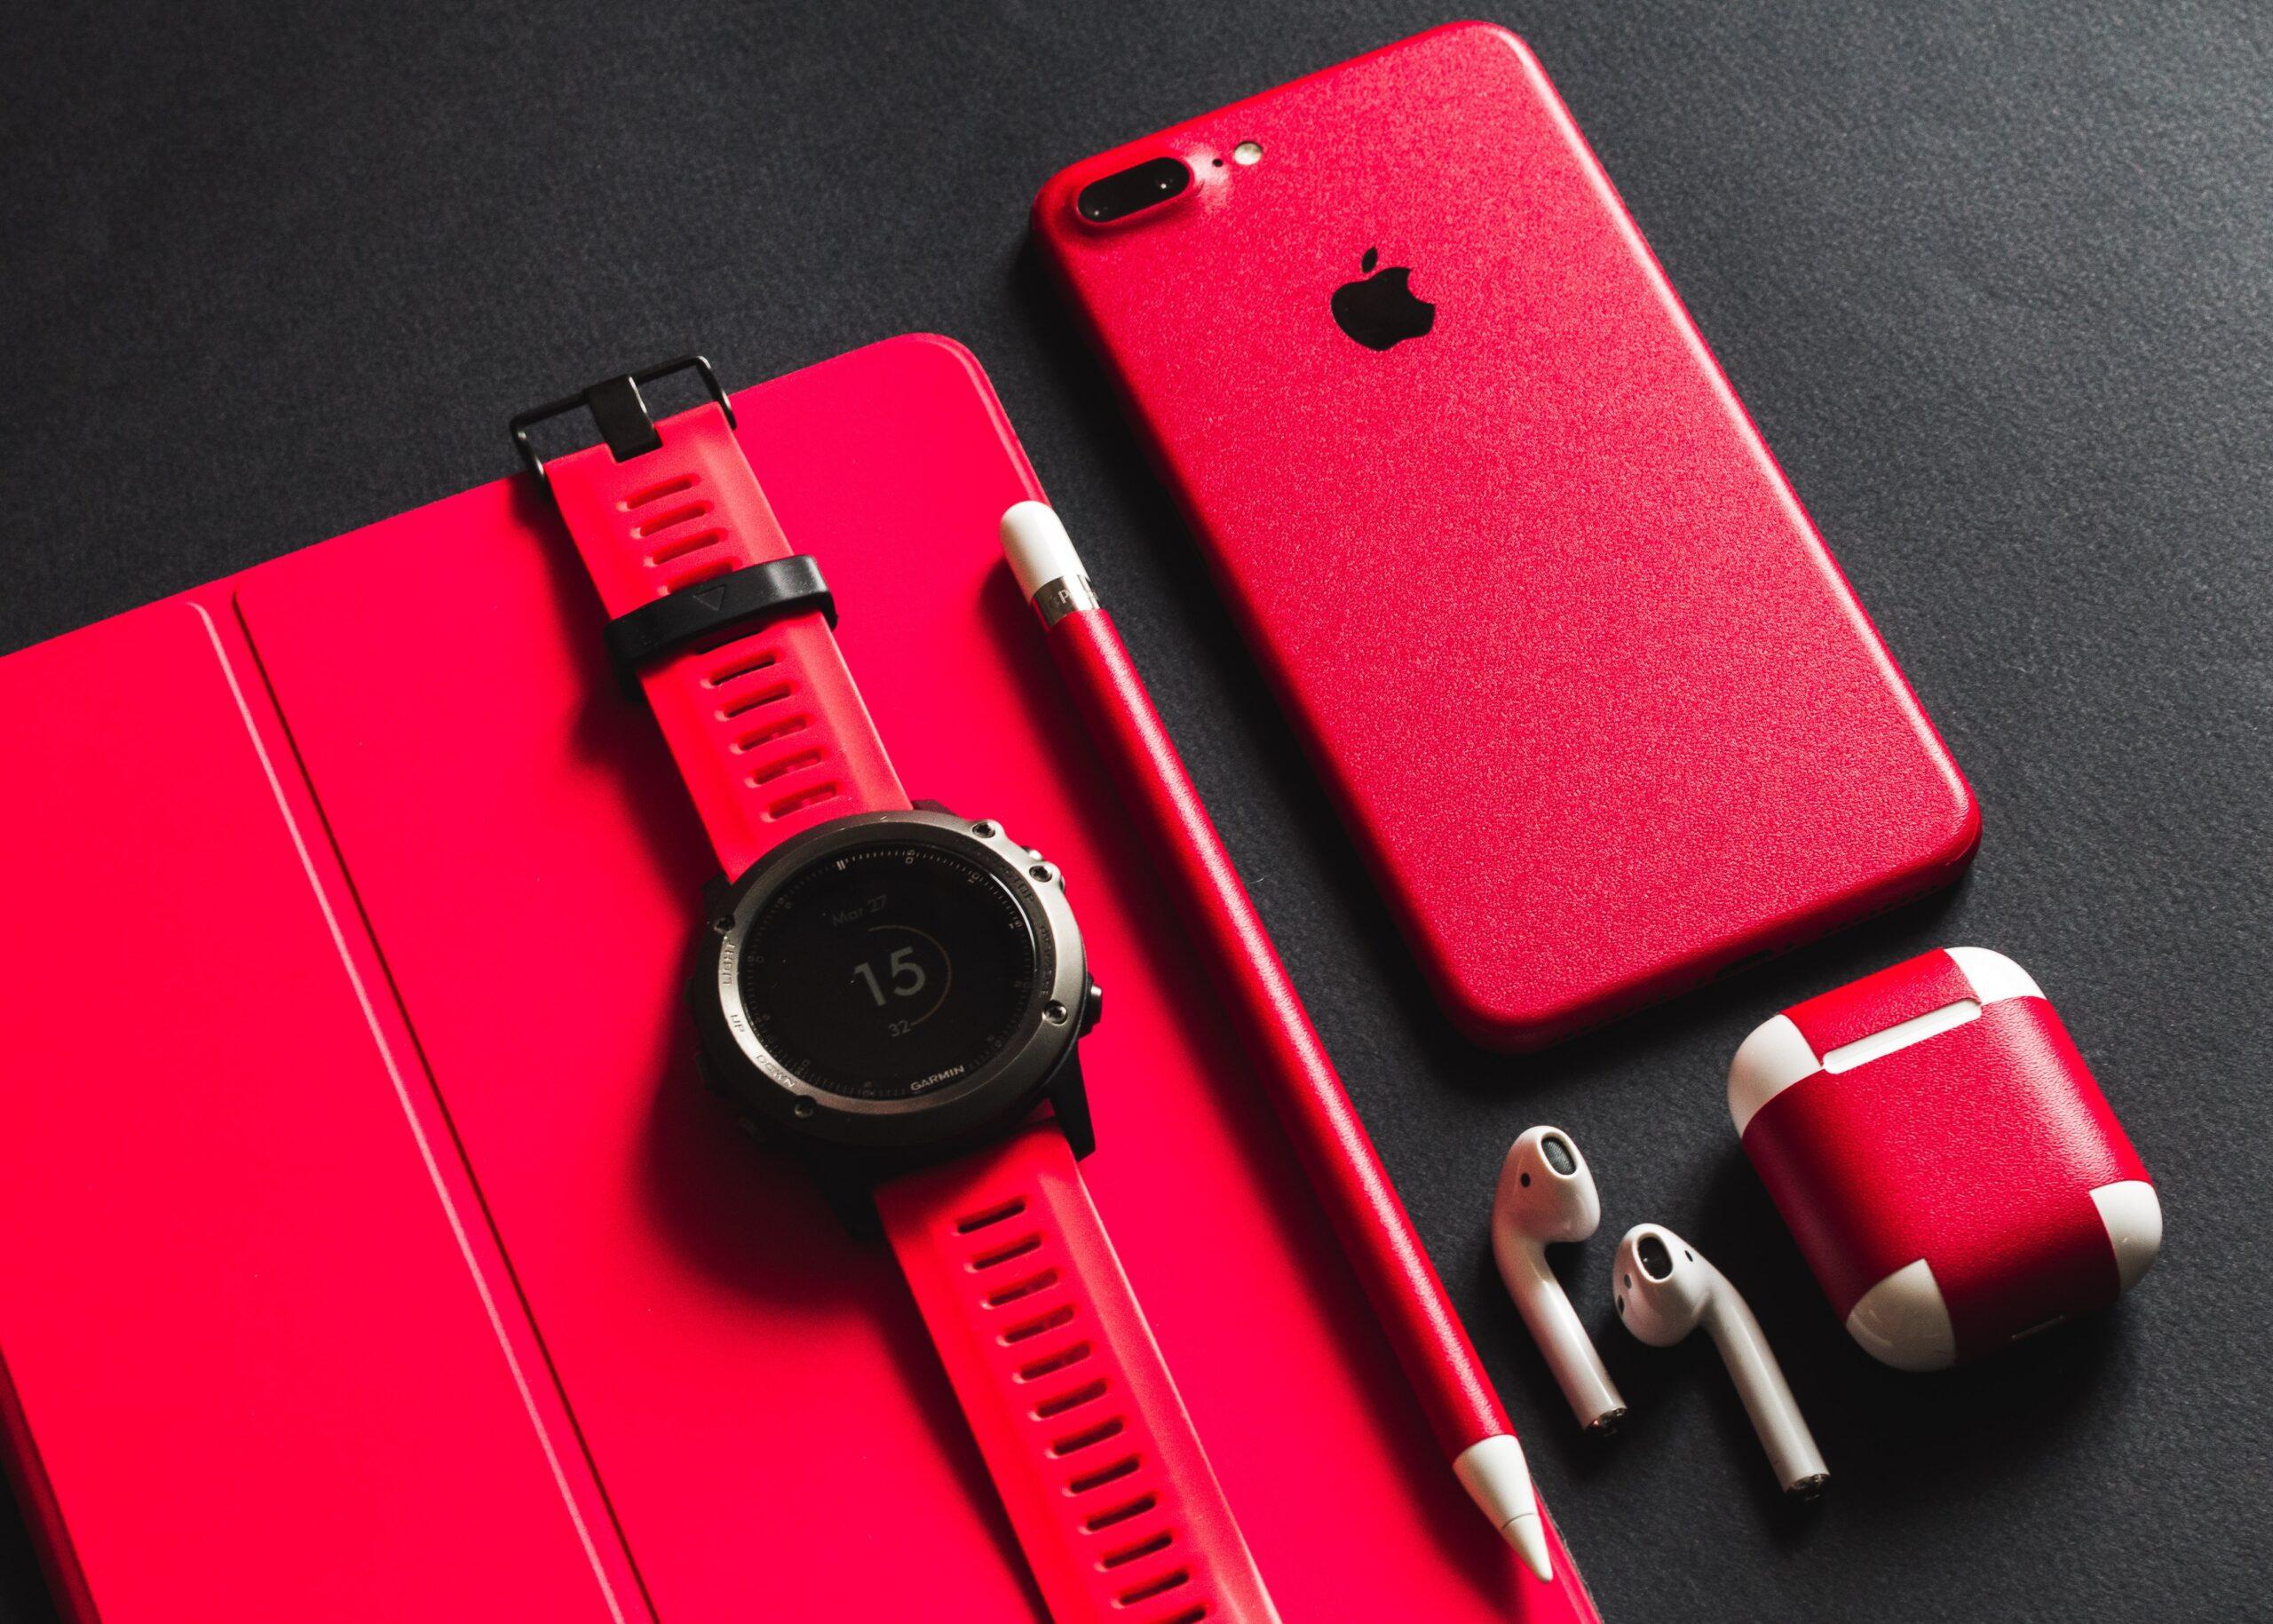 Gli accessori Mini In The Box costano poco e sono molto pratici thumbnail